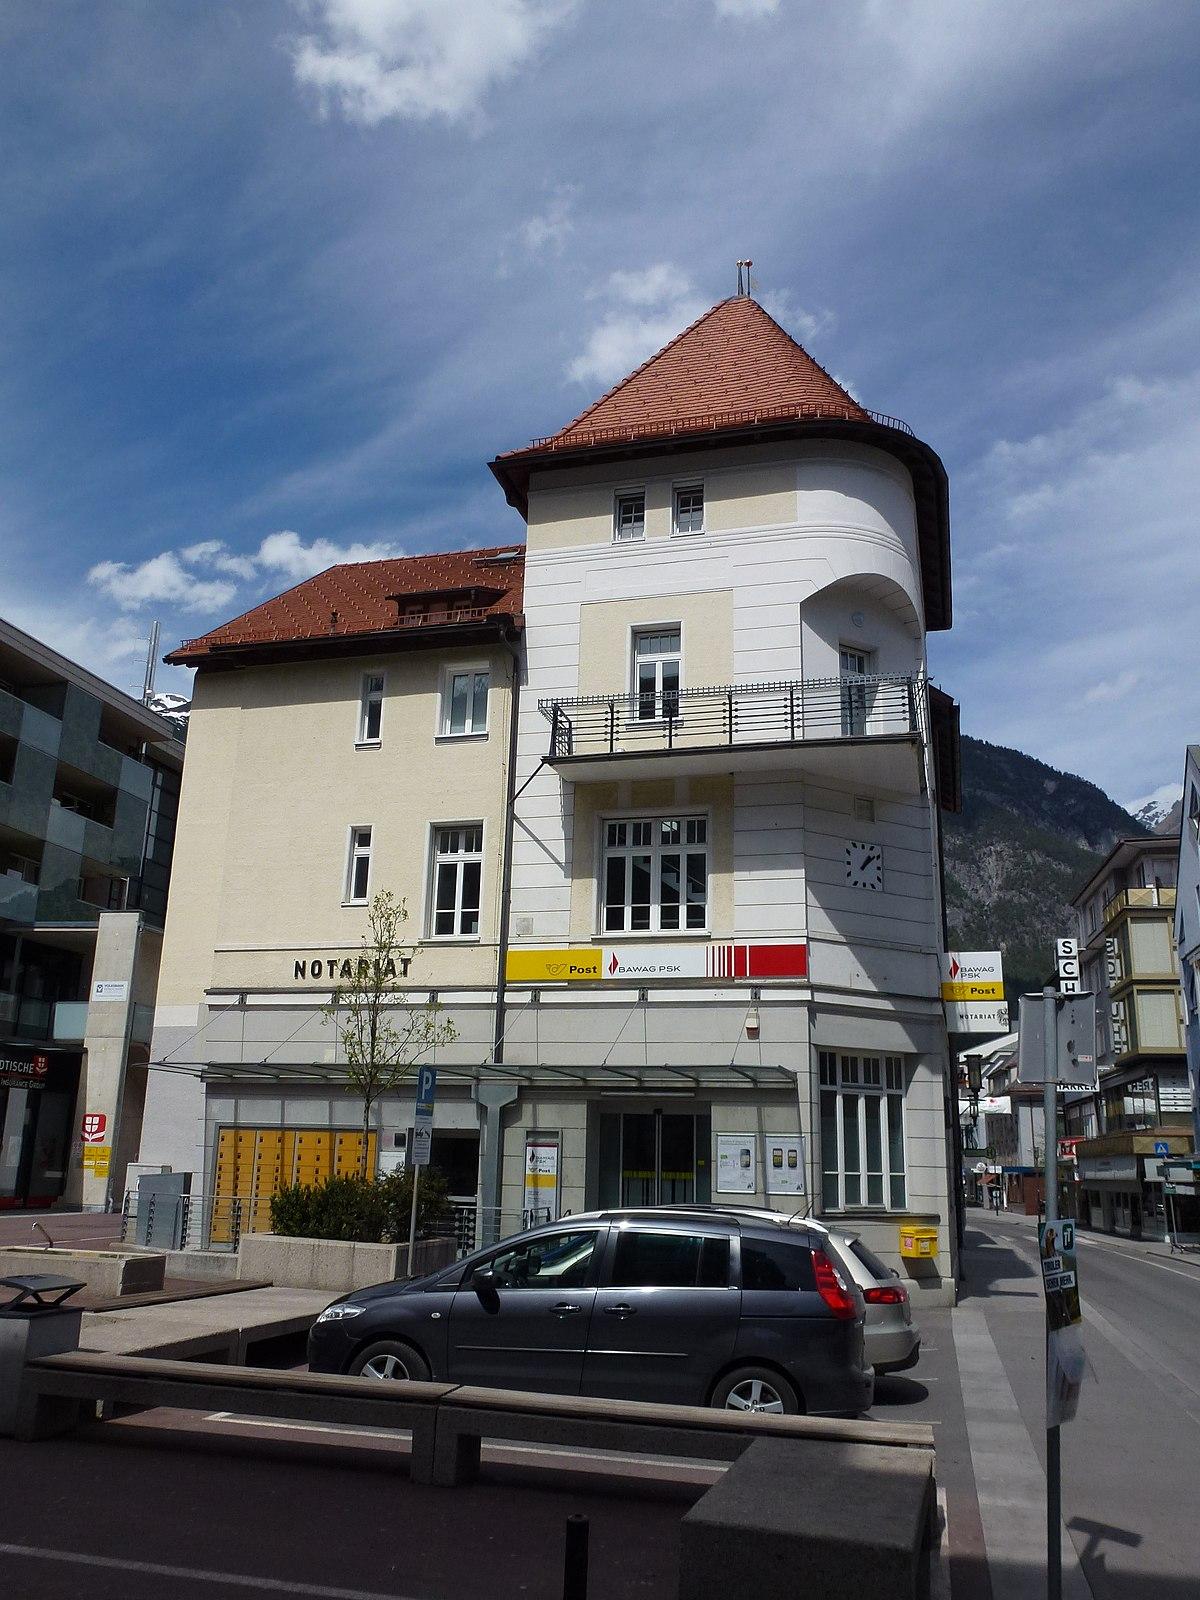 Uhrzeit Landeck, Tirol, sterreich - bei TimeandDate